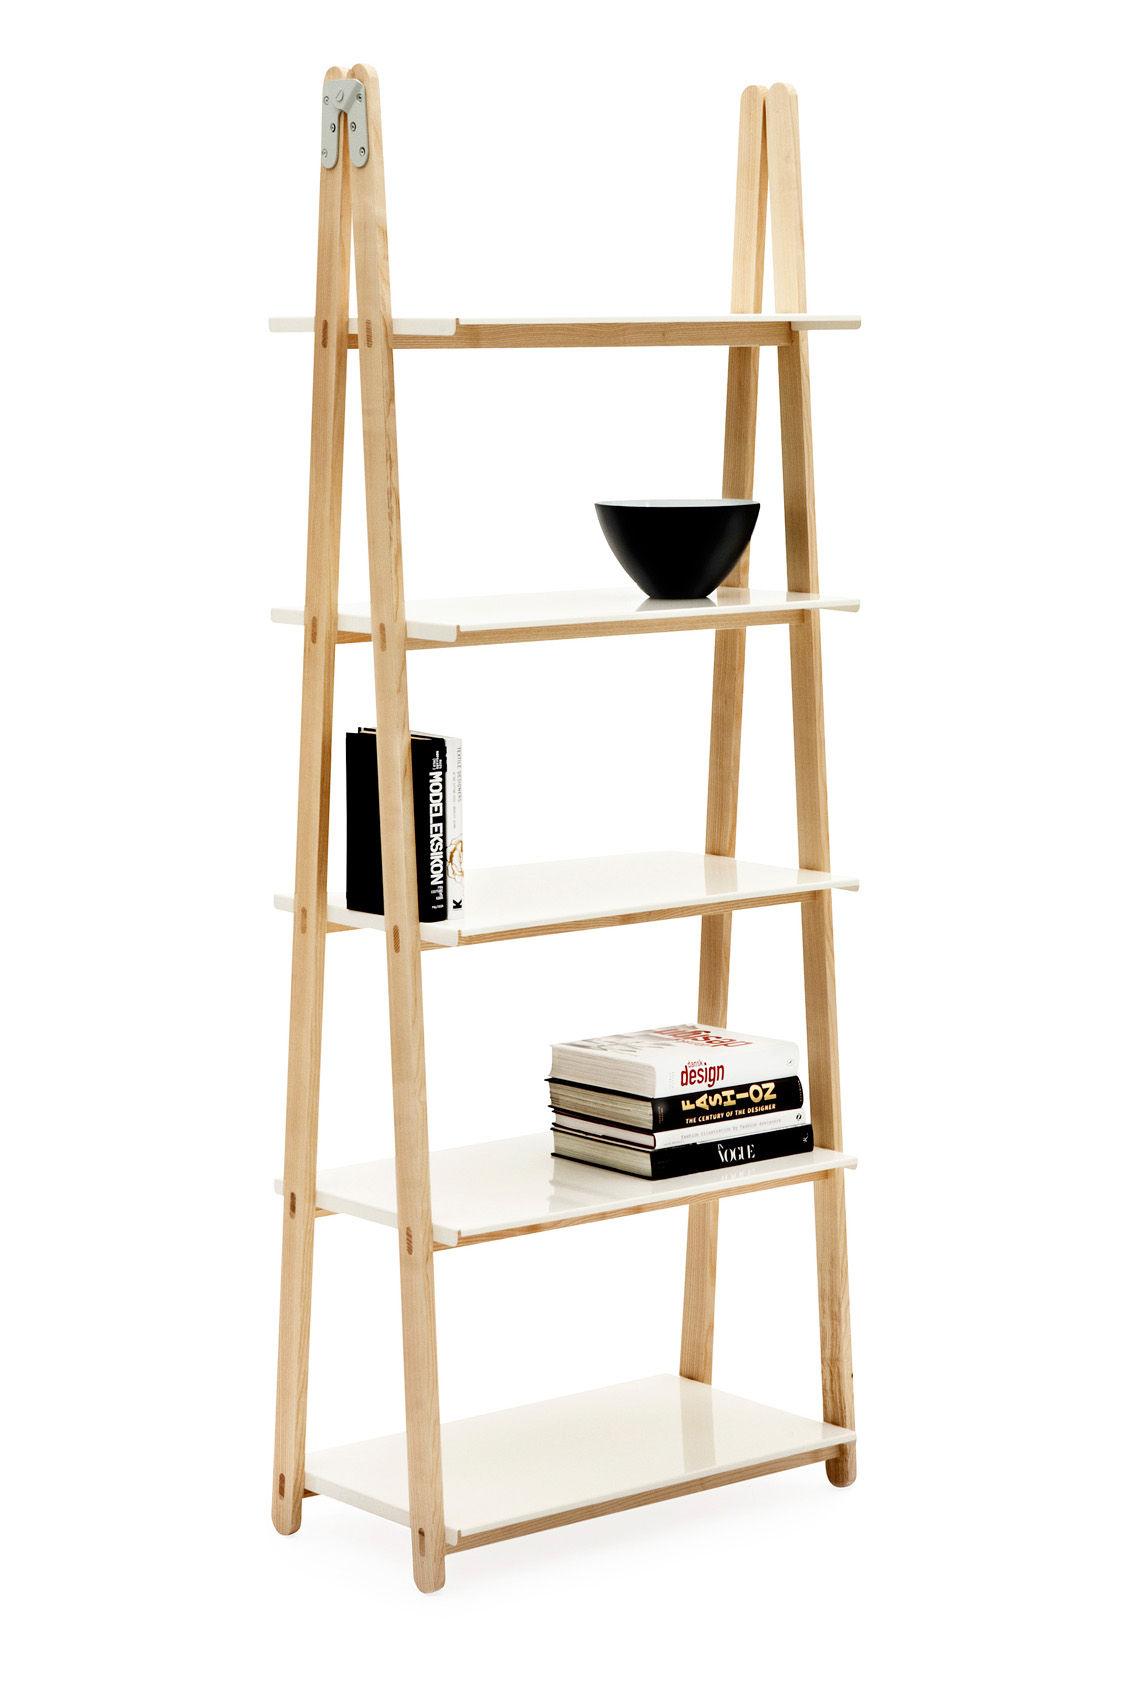 Möbel - Regale und Bücherregale - One Step Up Regal - Normann Copenhagen - Holz - Regale weiß - bemaltes Aluminium, Esche